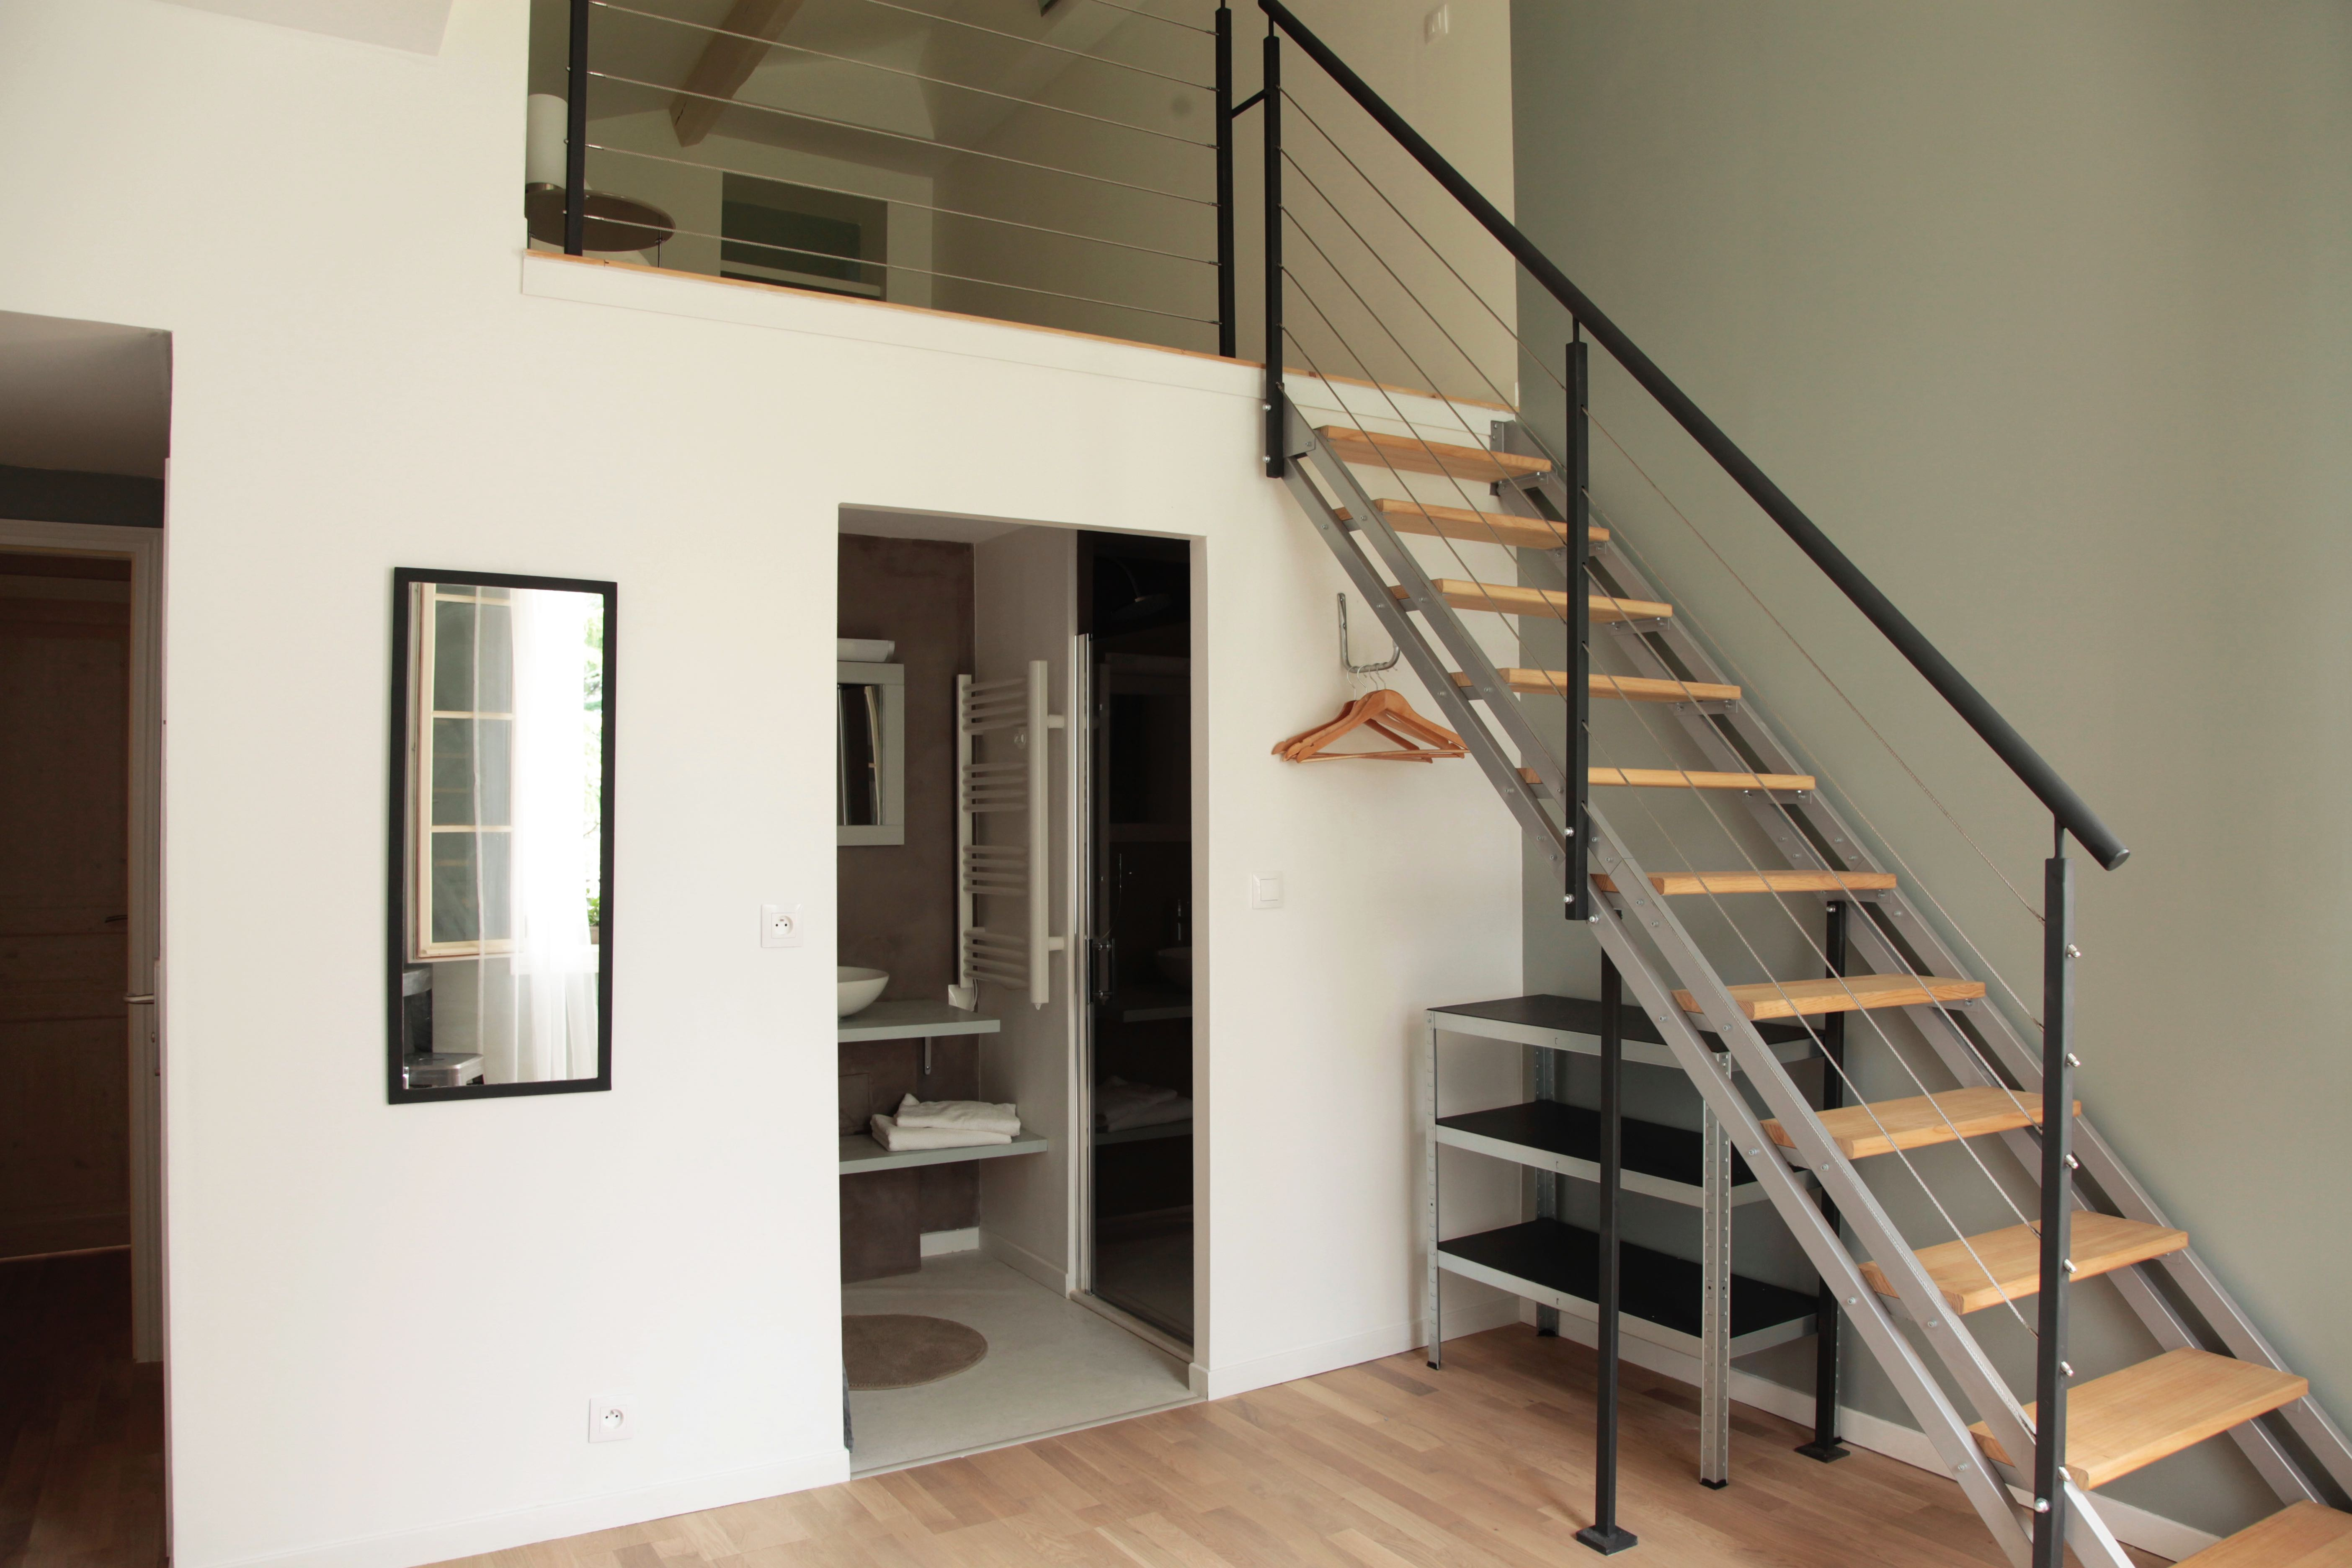 Mezzanine - Salle d'eau et escalier